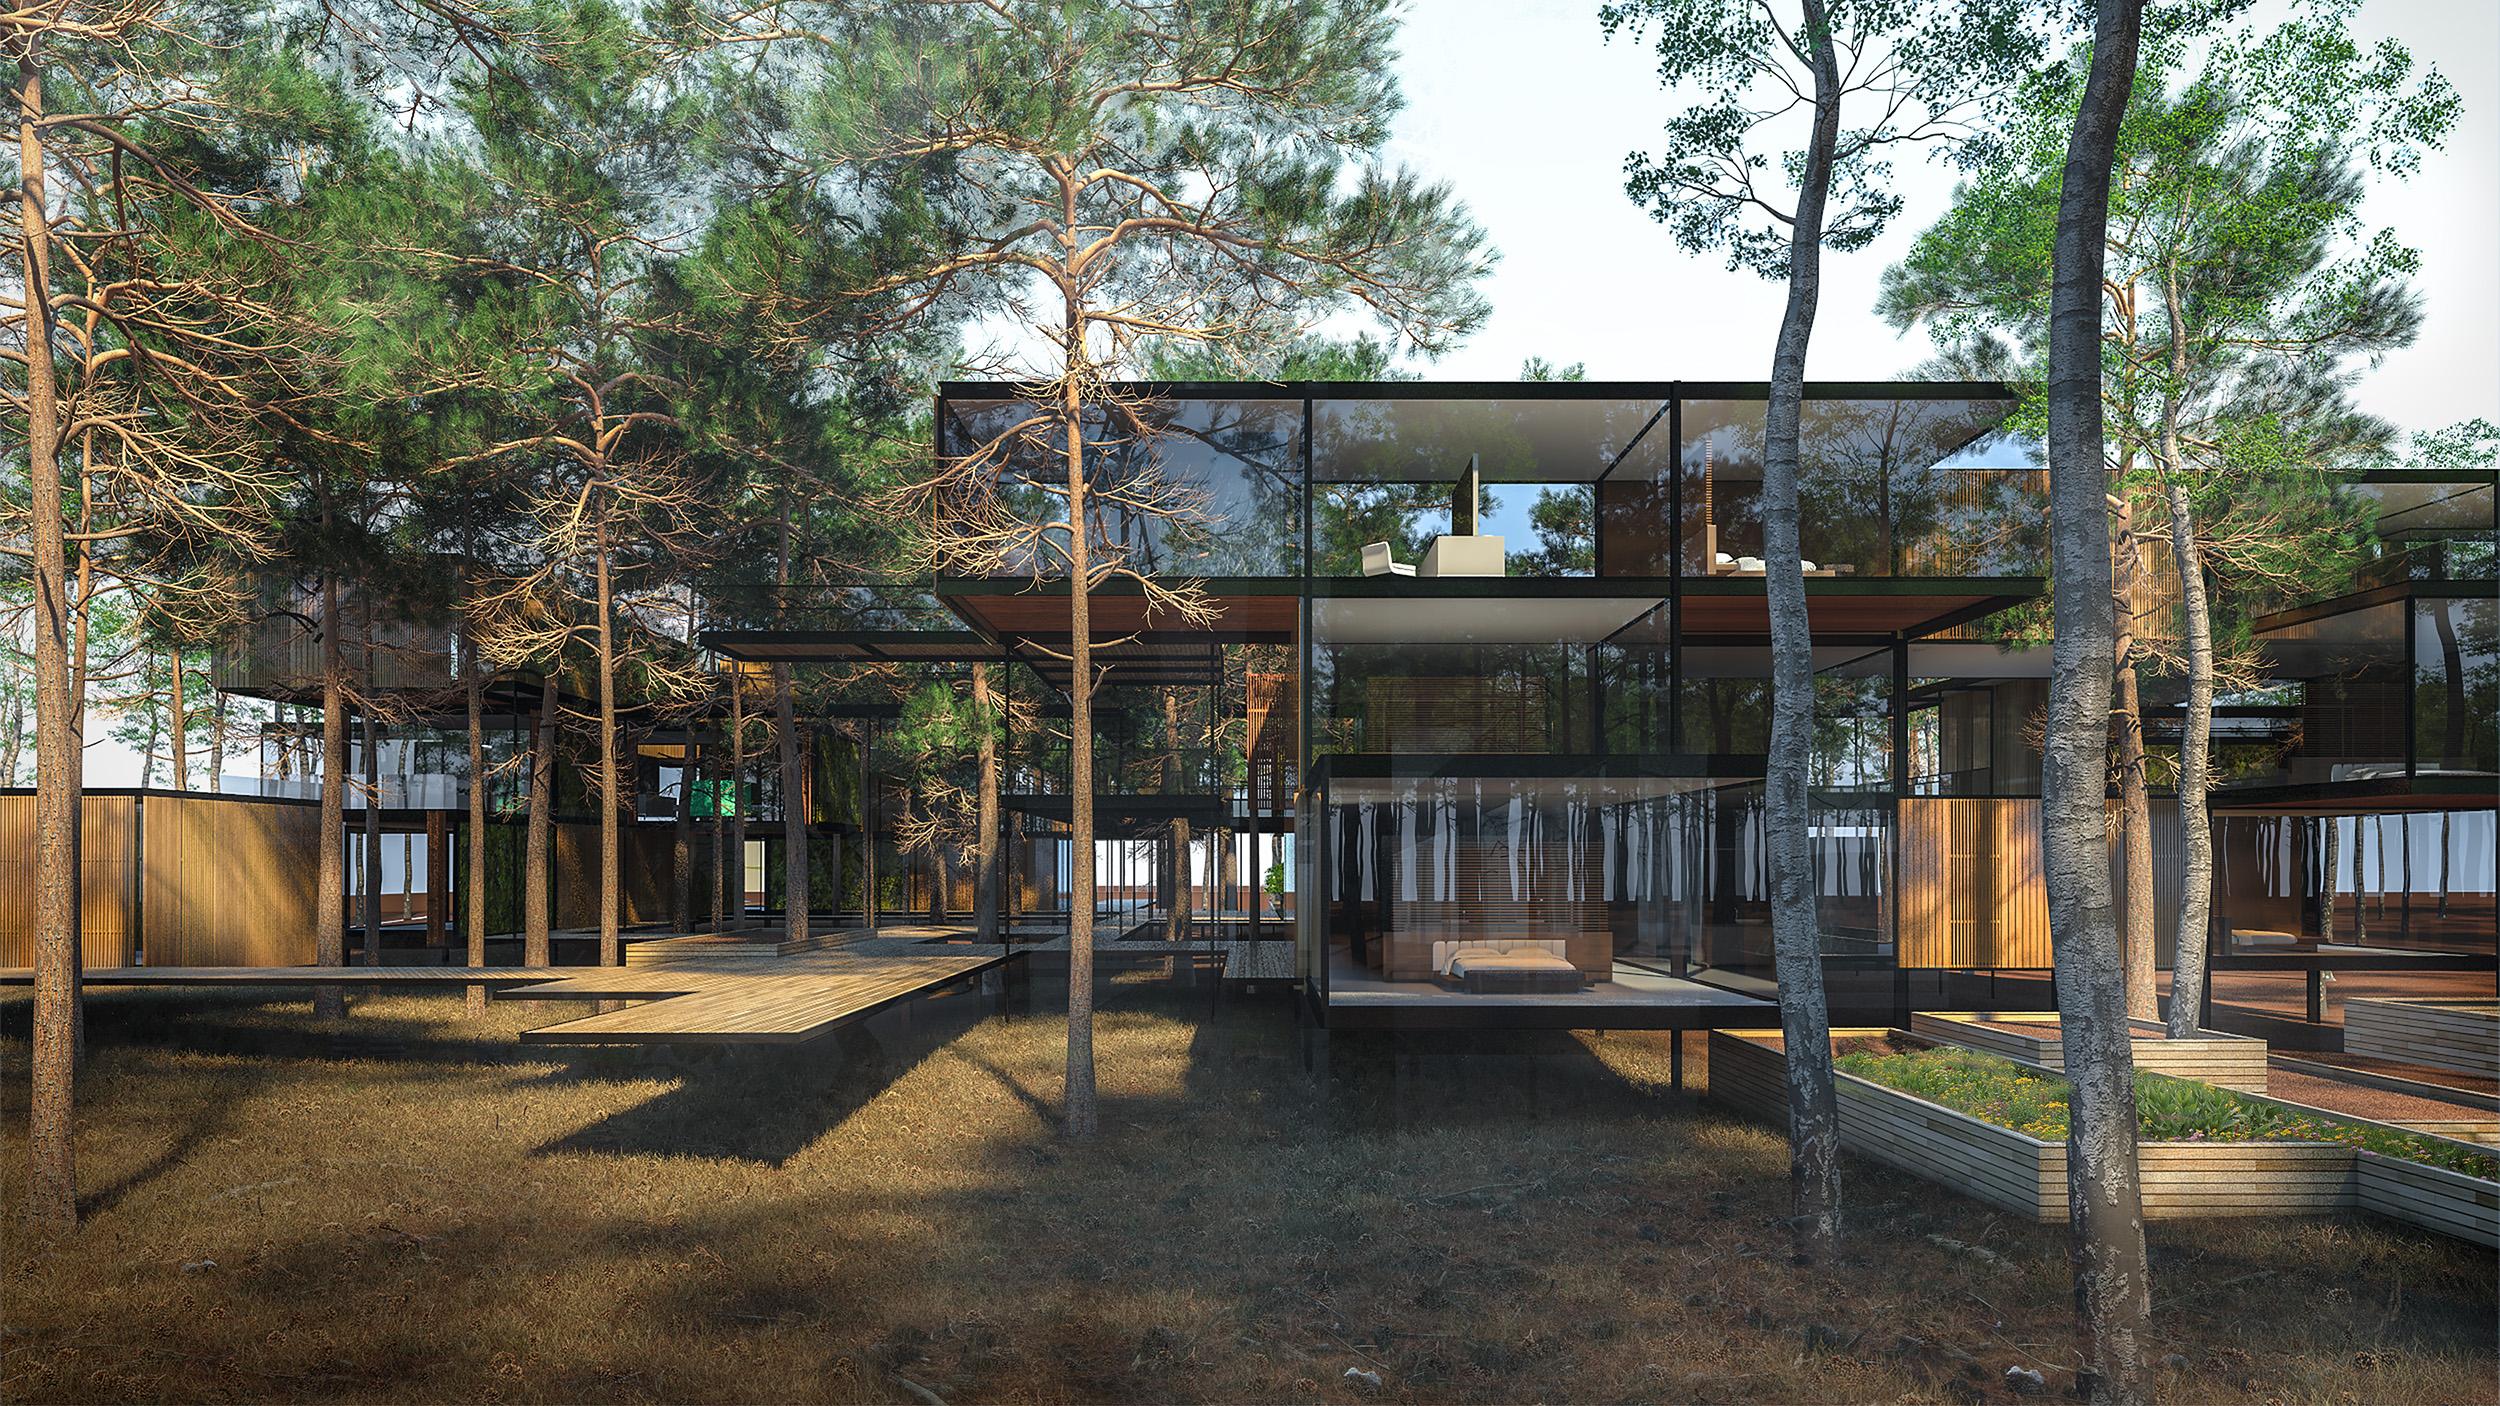 mth_vr_Hotel Habitaciones_View 01_a01.jpg